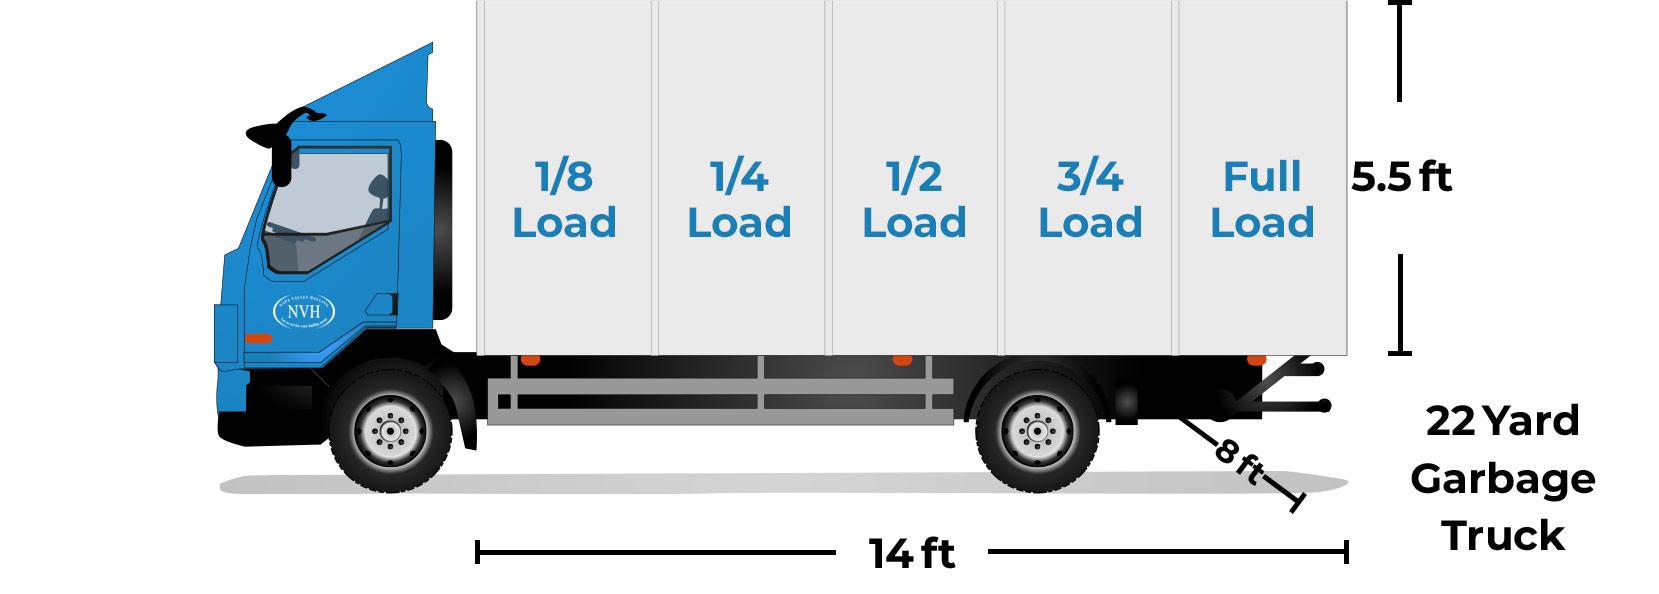 Breakdown of 14 by 8 foot garbage truck capacity